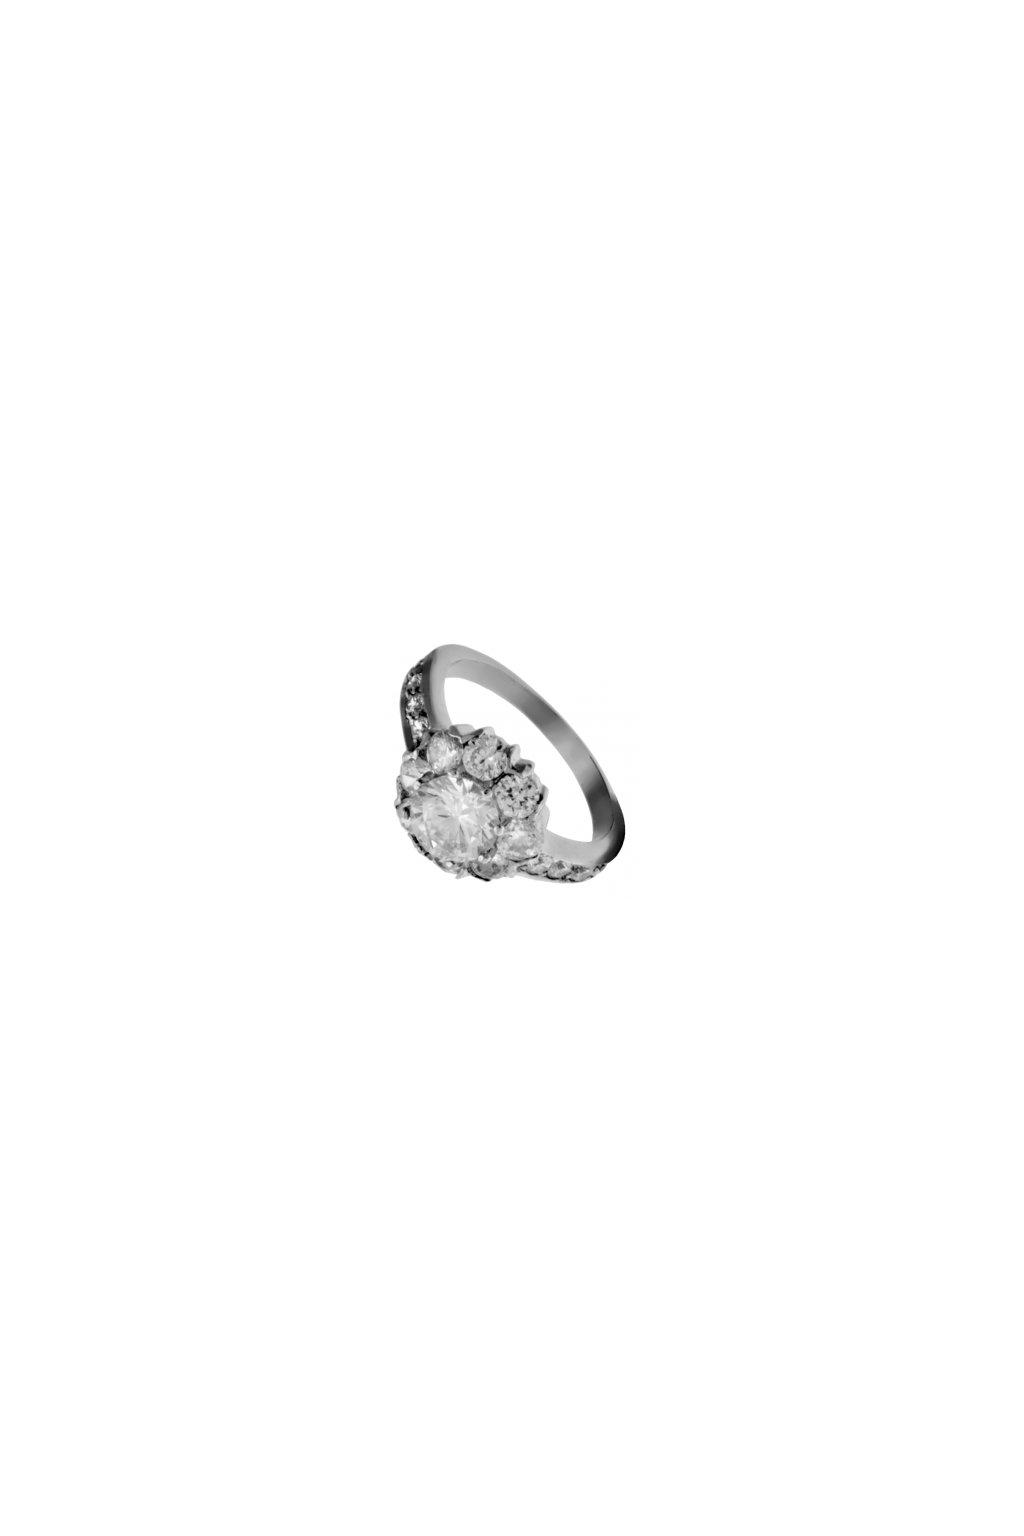 Skalimar Prsten z chirurgické oceli KŘIŠŤÁLOVÁ KYTKA 312544